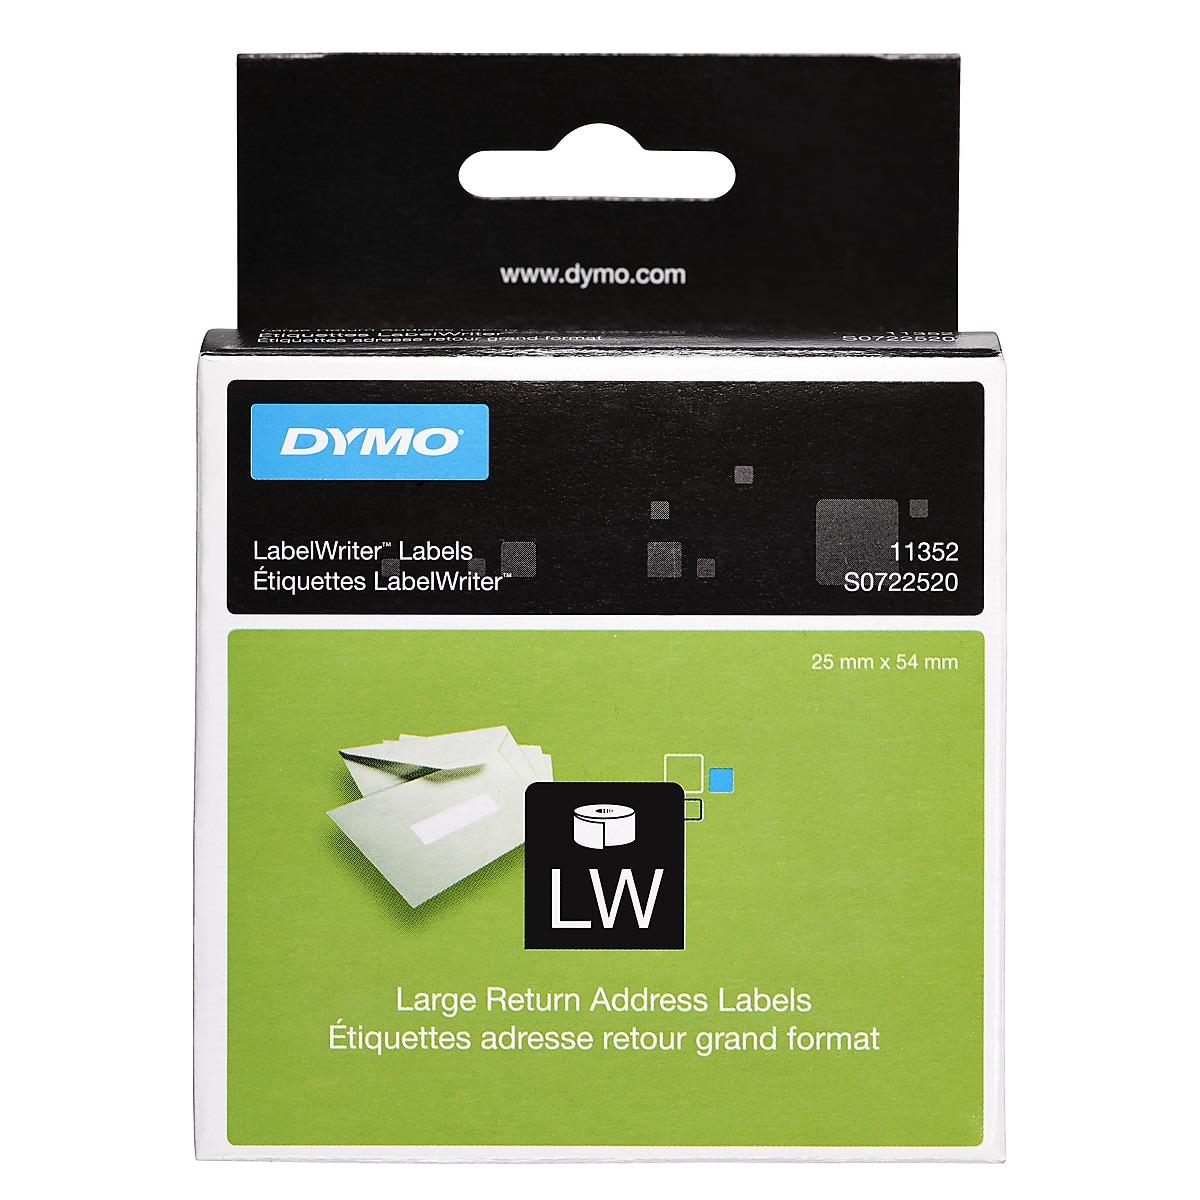 Suuret palautusosoite-etiketit Dymo LabelWriter